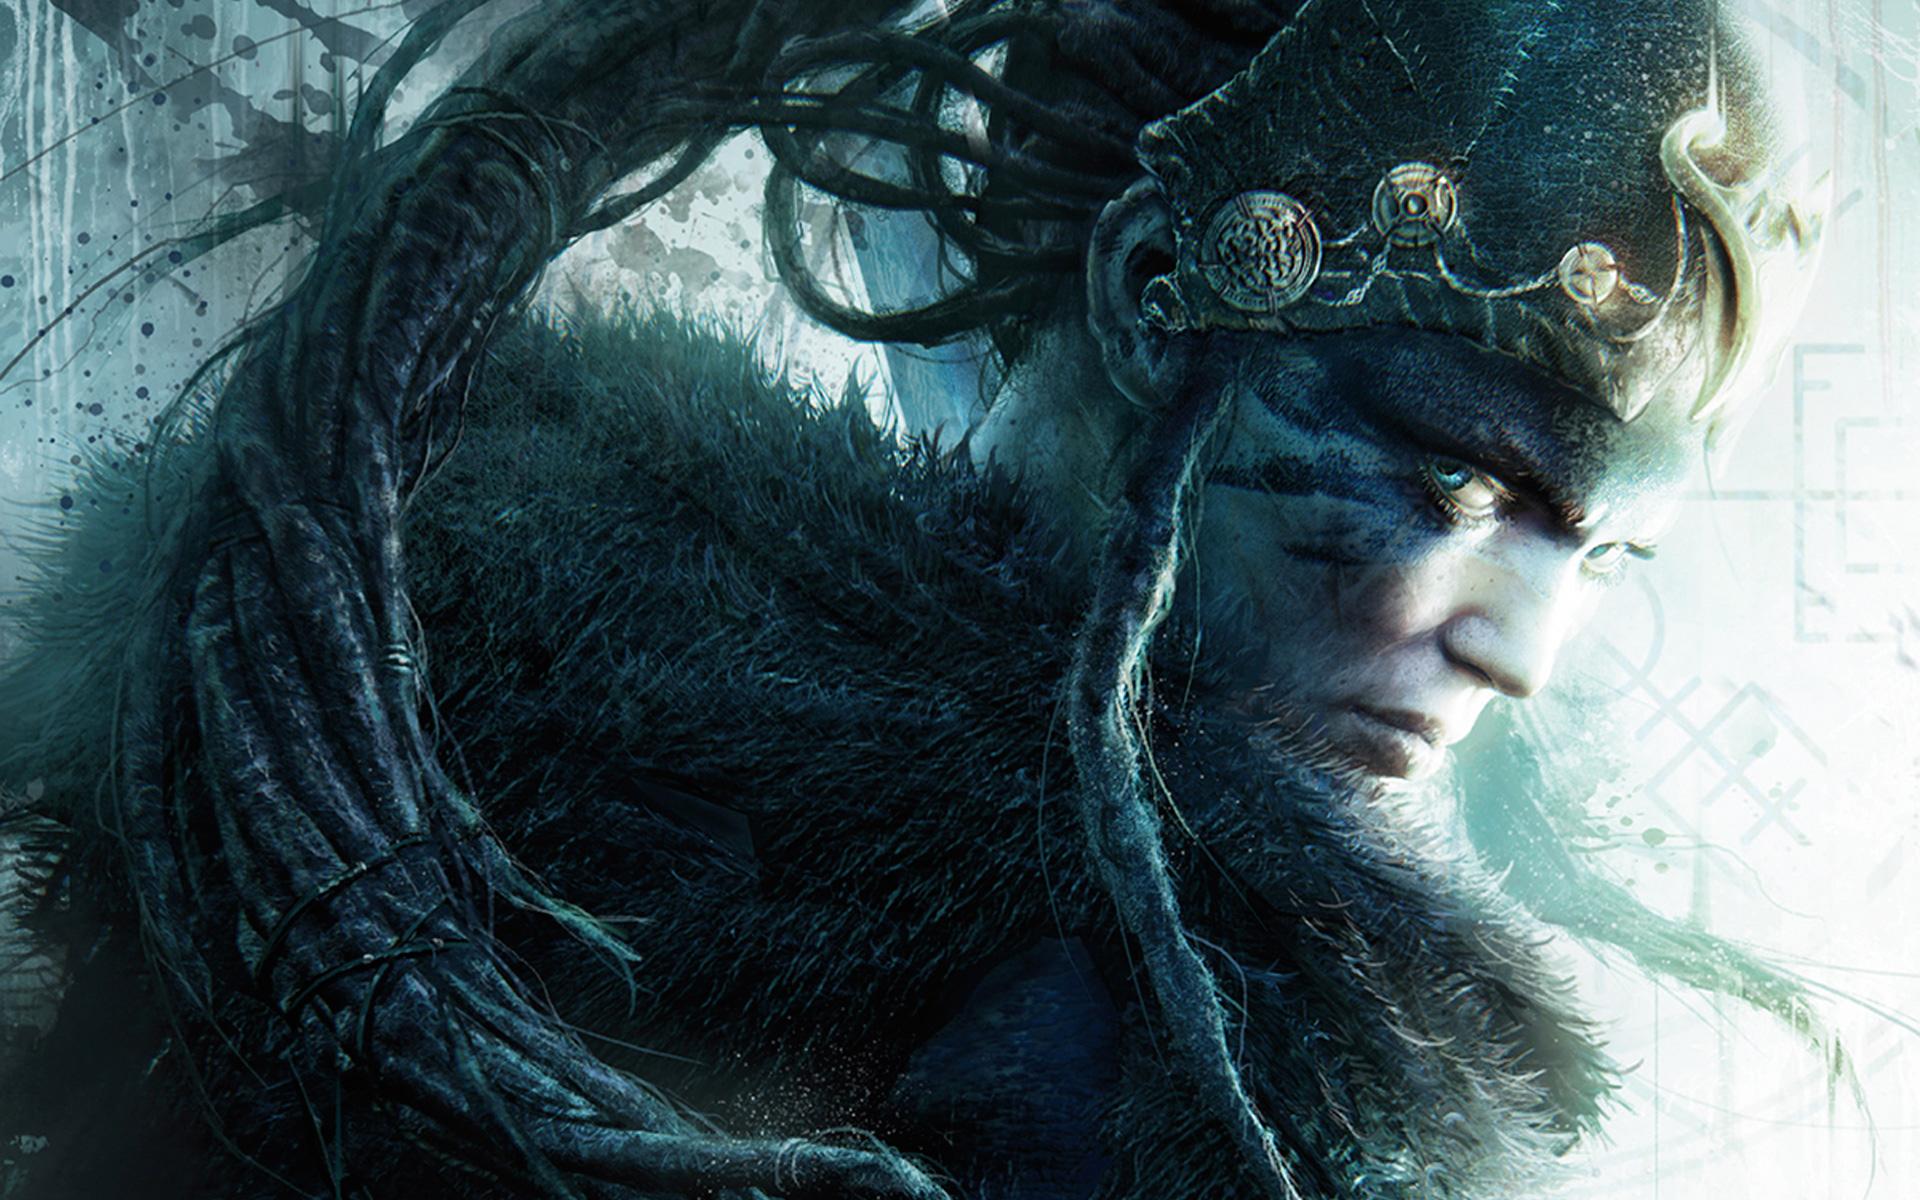 地狱之刃:塞娜的献祭 1号升级档+未加密补丁[3DM]